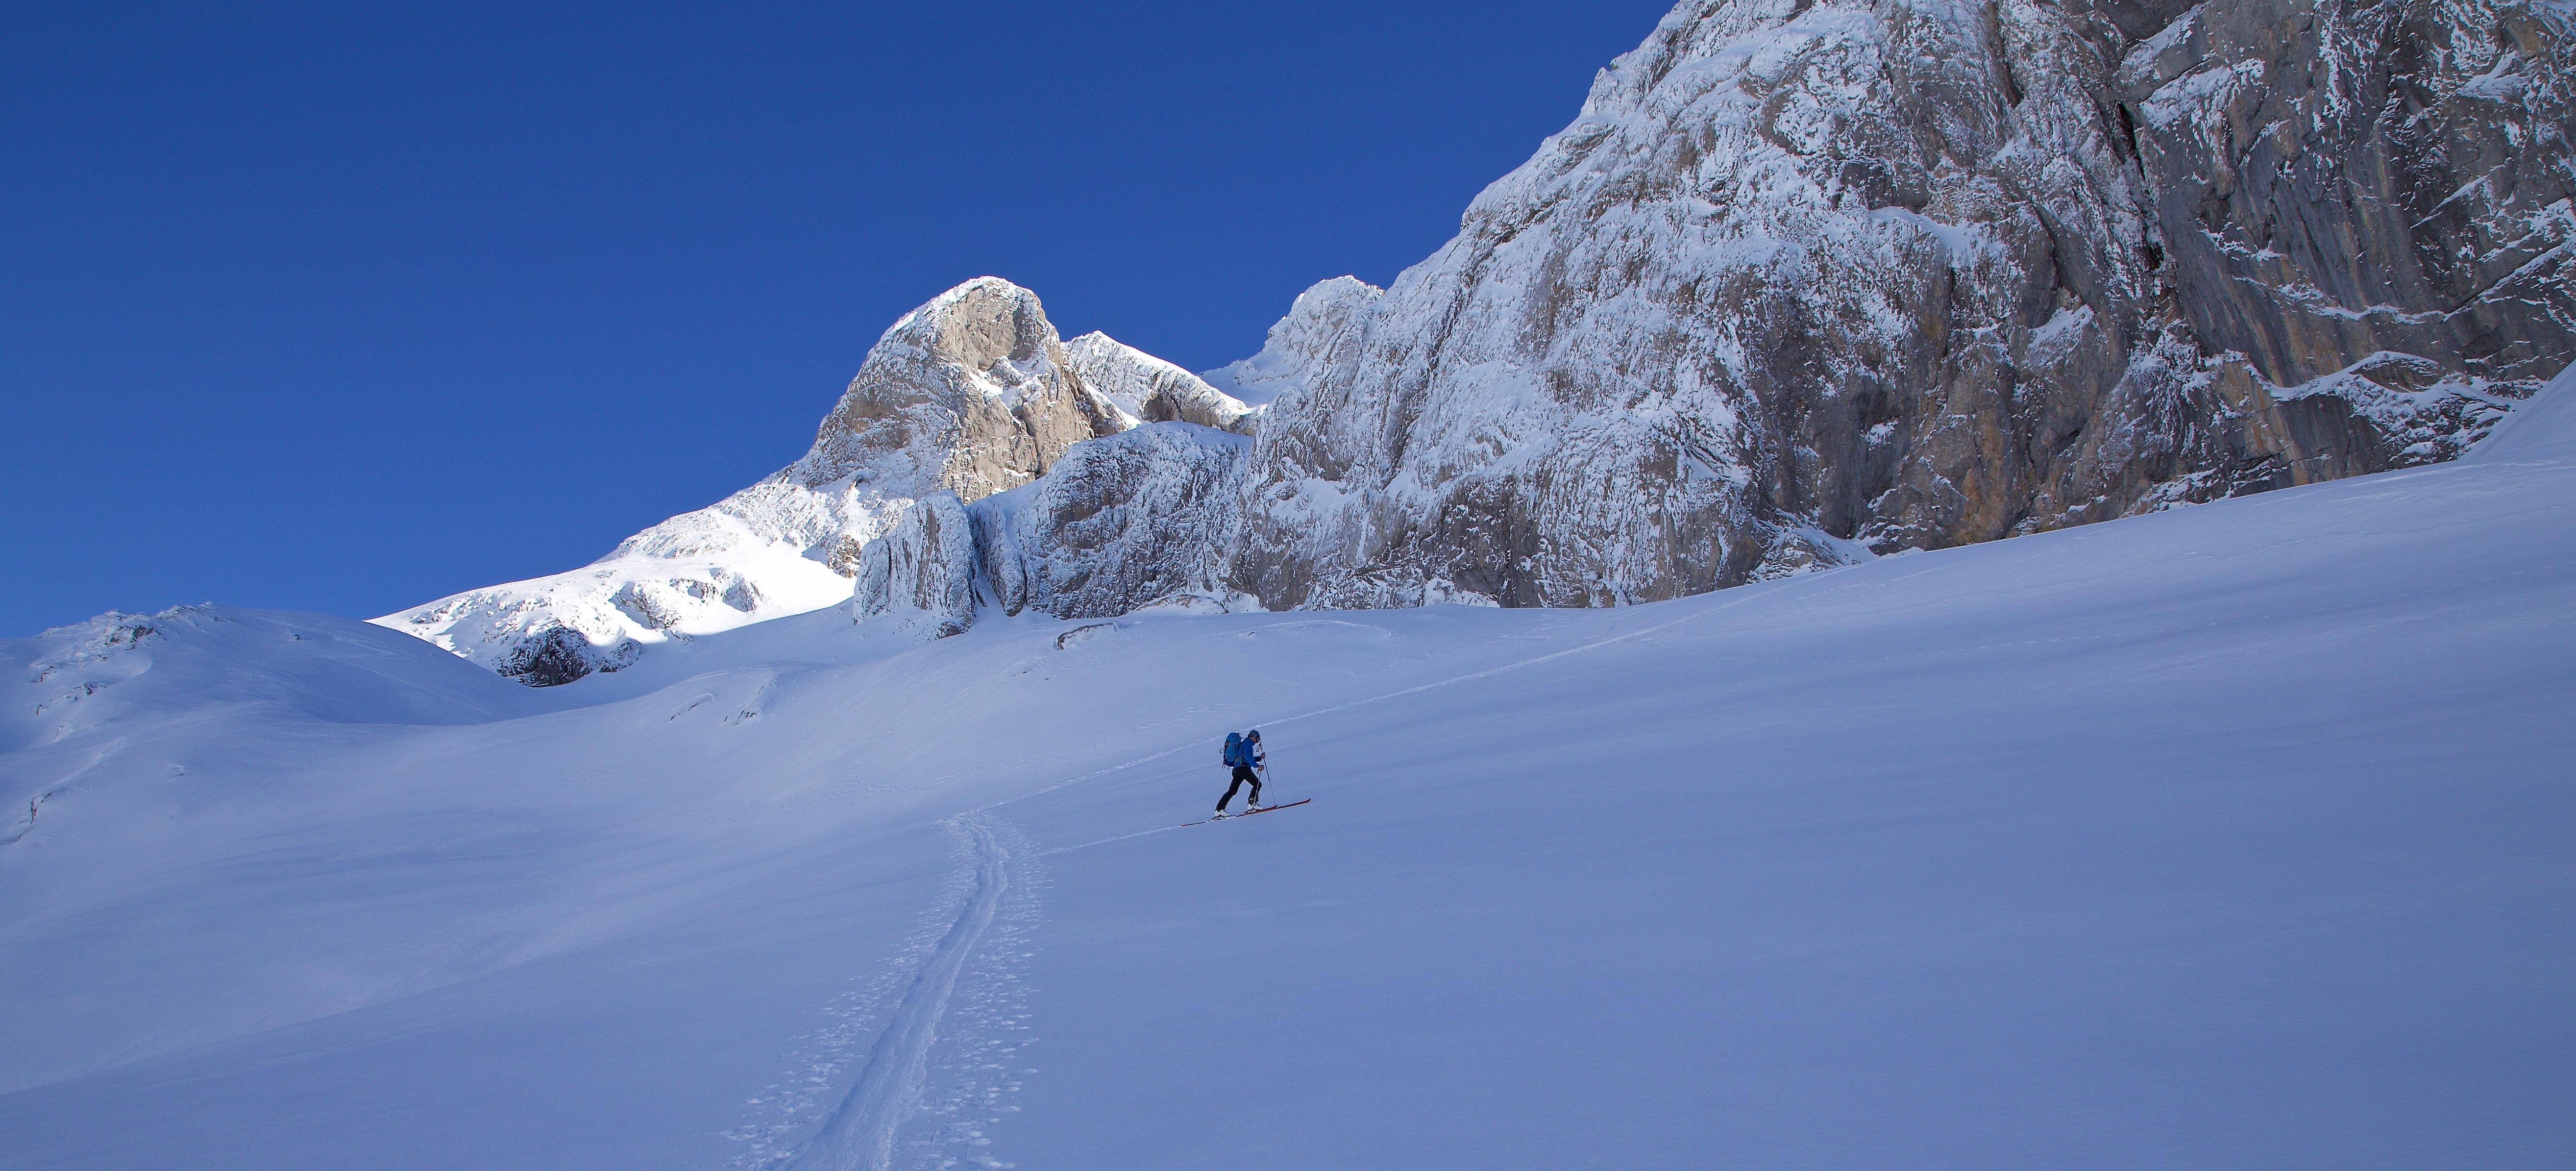 Ski de randonnée - Vallon de Bostan, Haute Savoie.